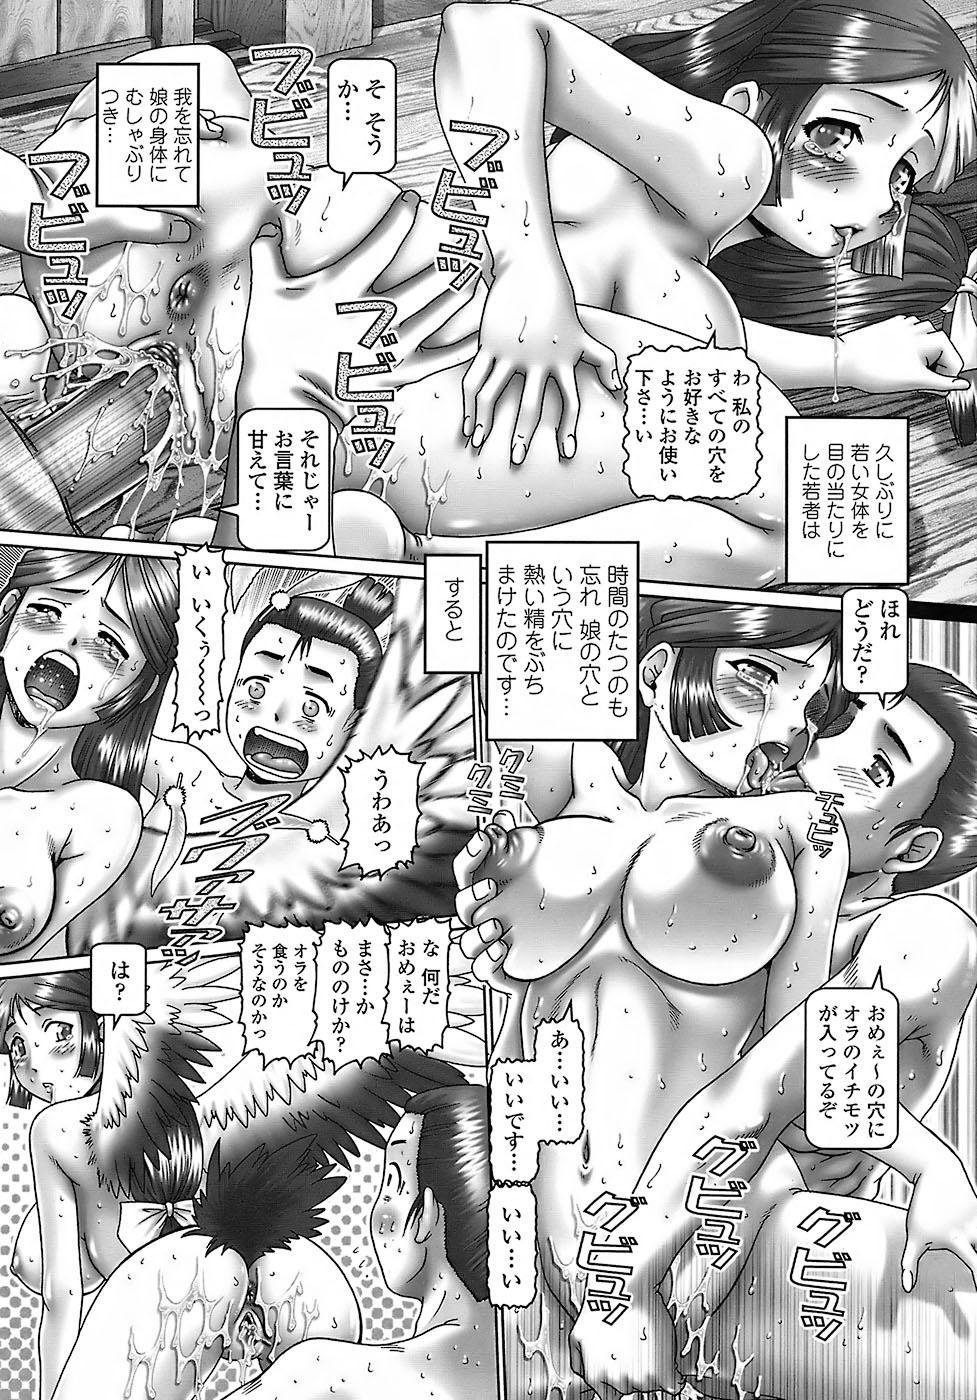 Tenshi no Shizuku 150